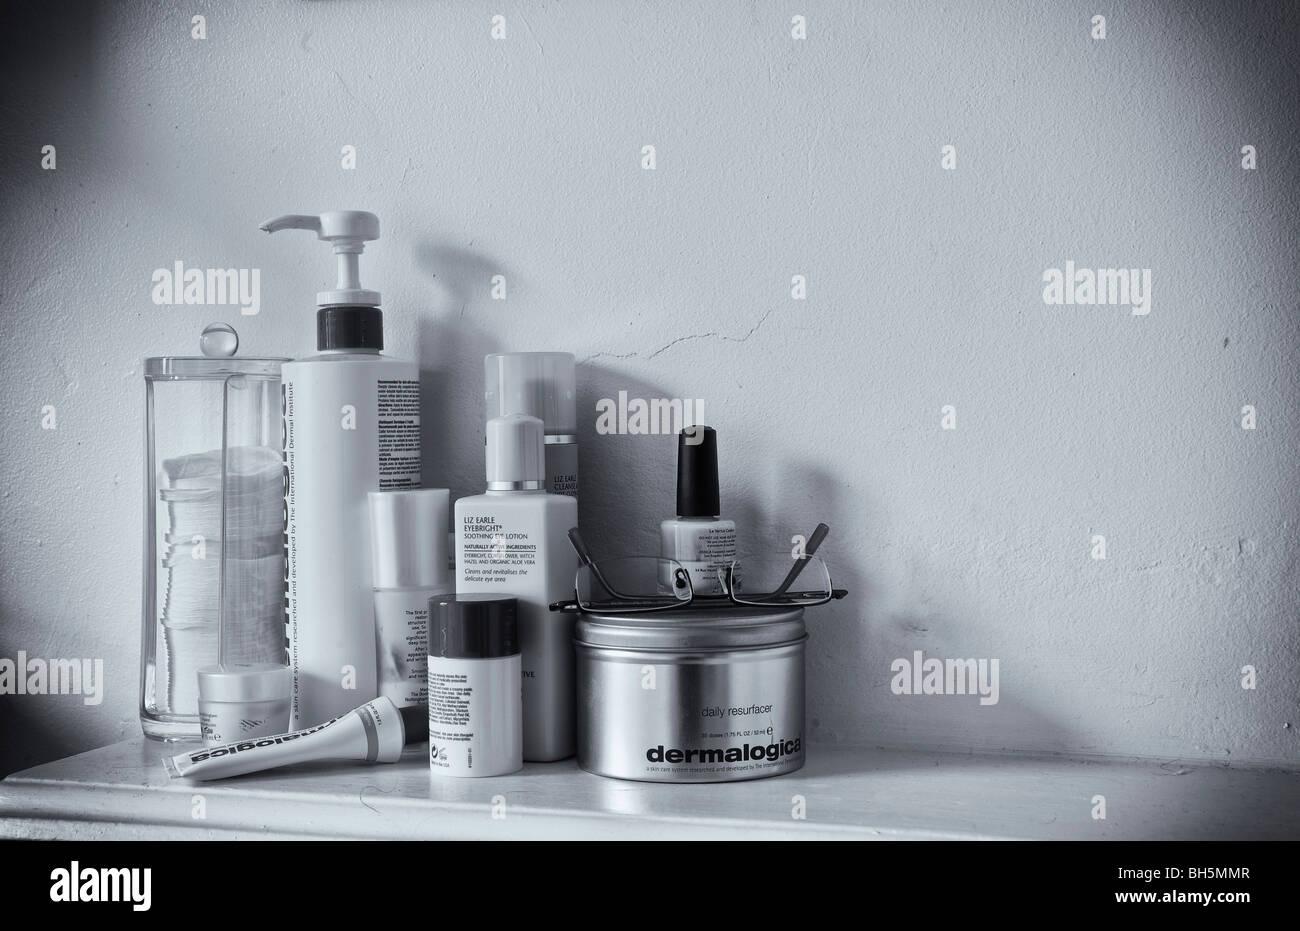 Productos de belleza Imagen De Stock